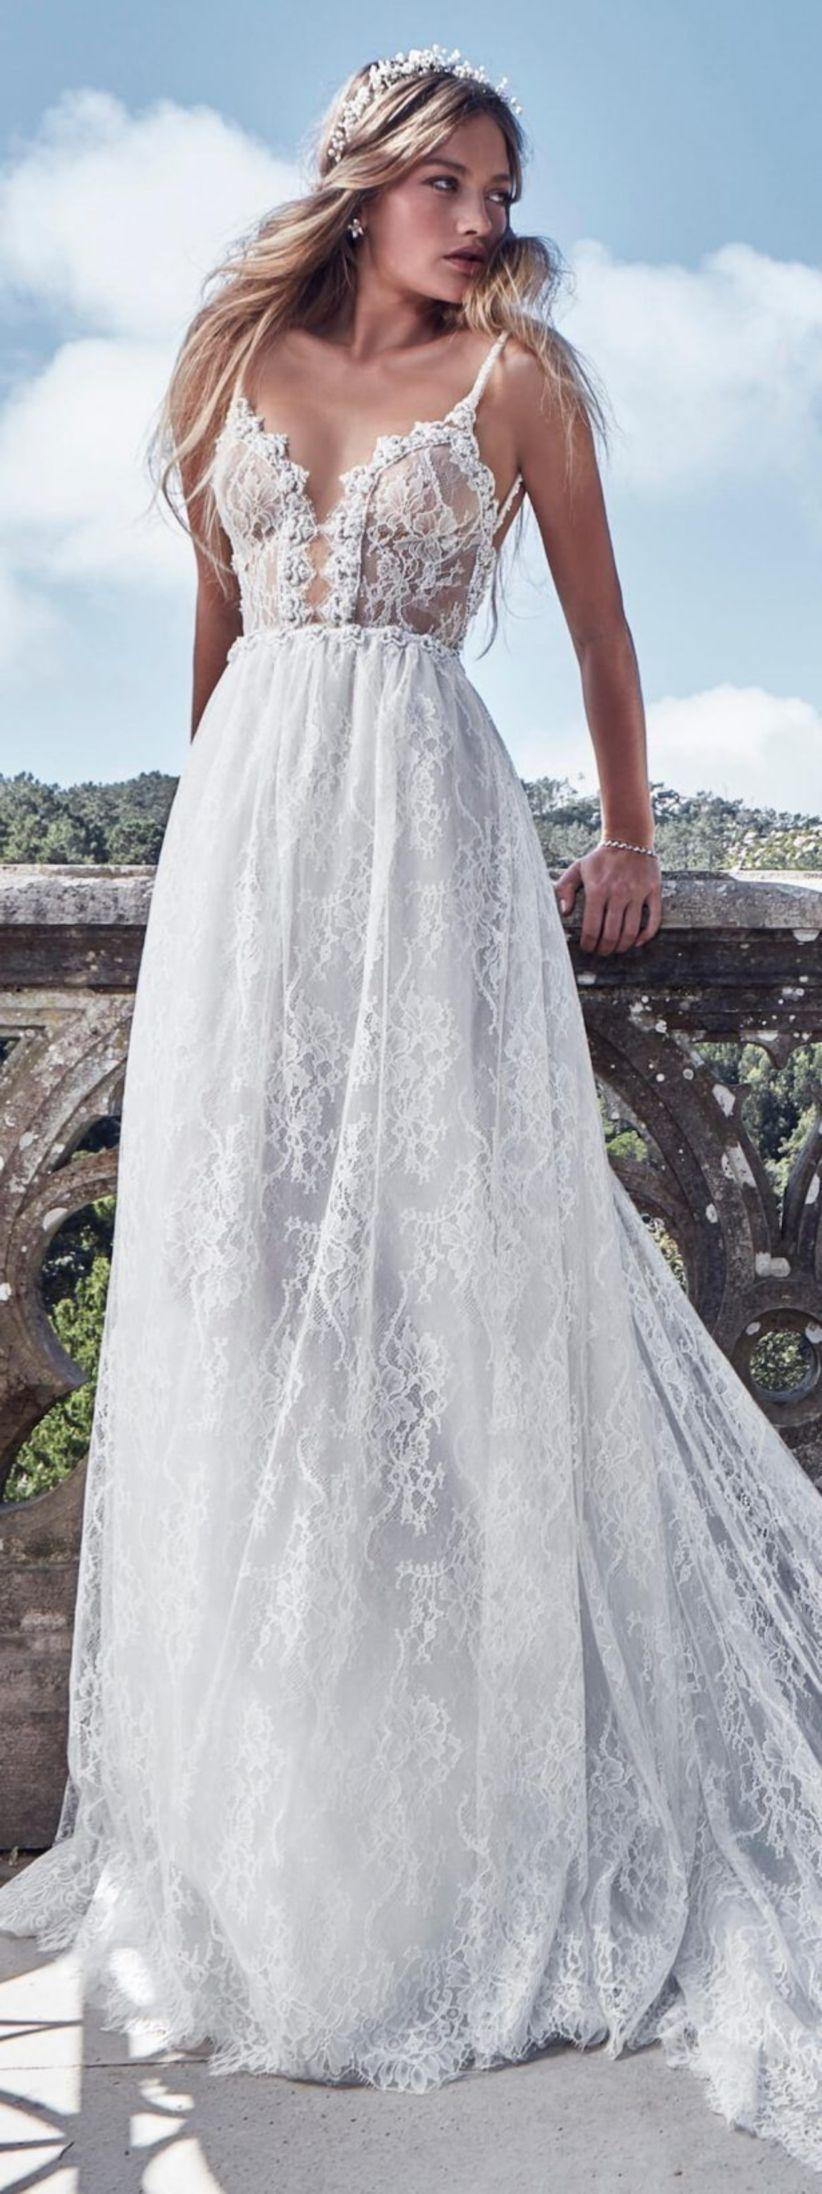 bohemian style wedding dress as an outdoor wedding idea dress